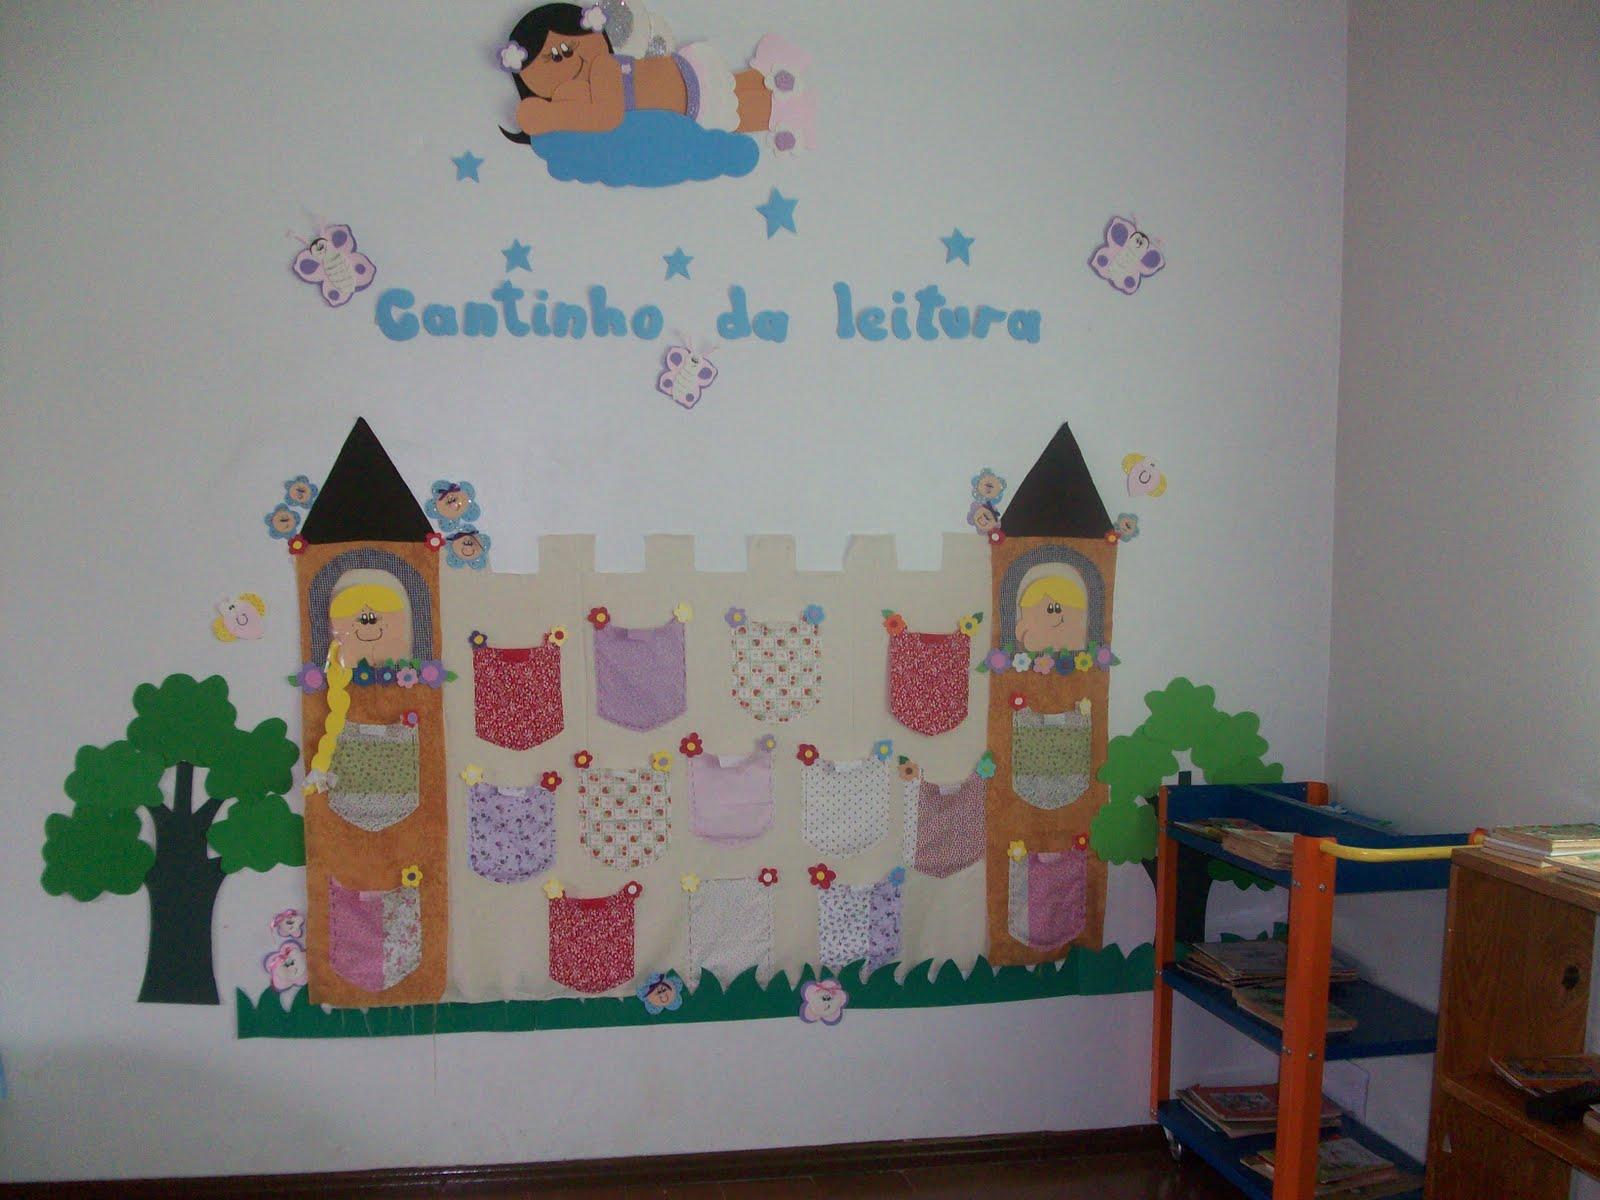 Ideias em eva cantinho da leitura for Decoracion de espacios de preescolar